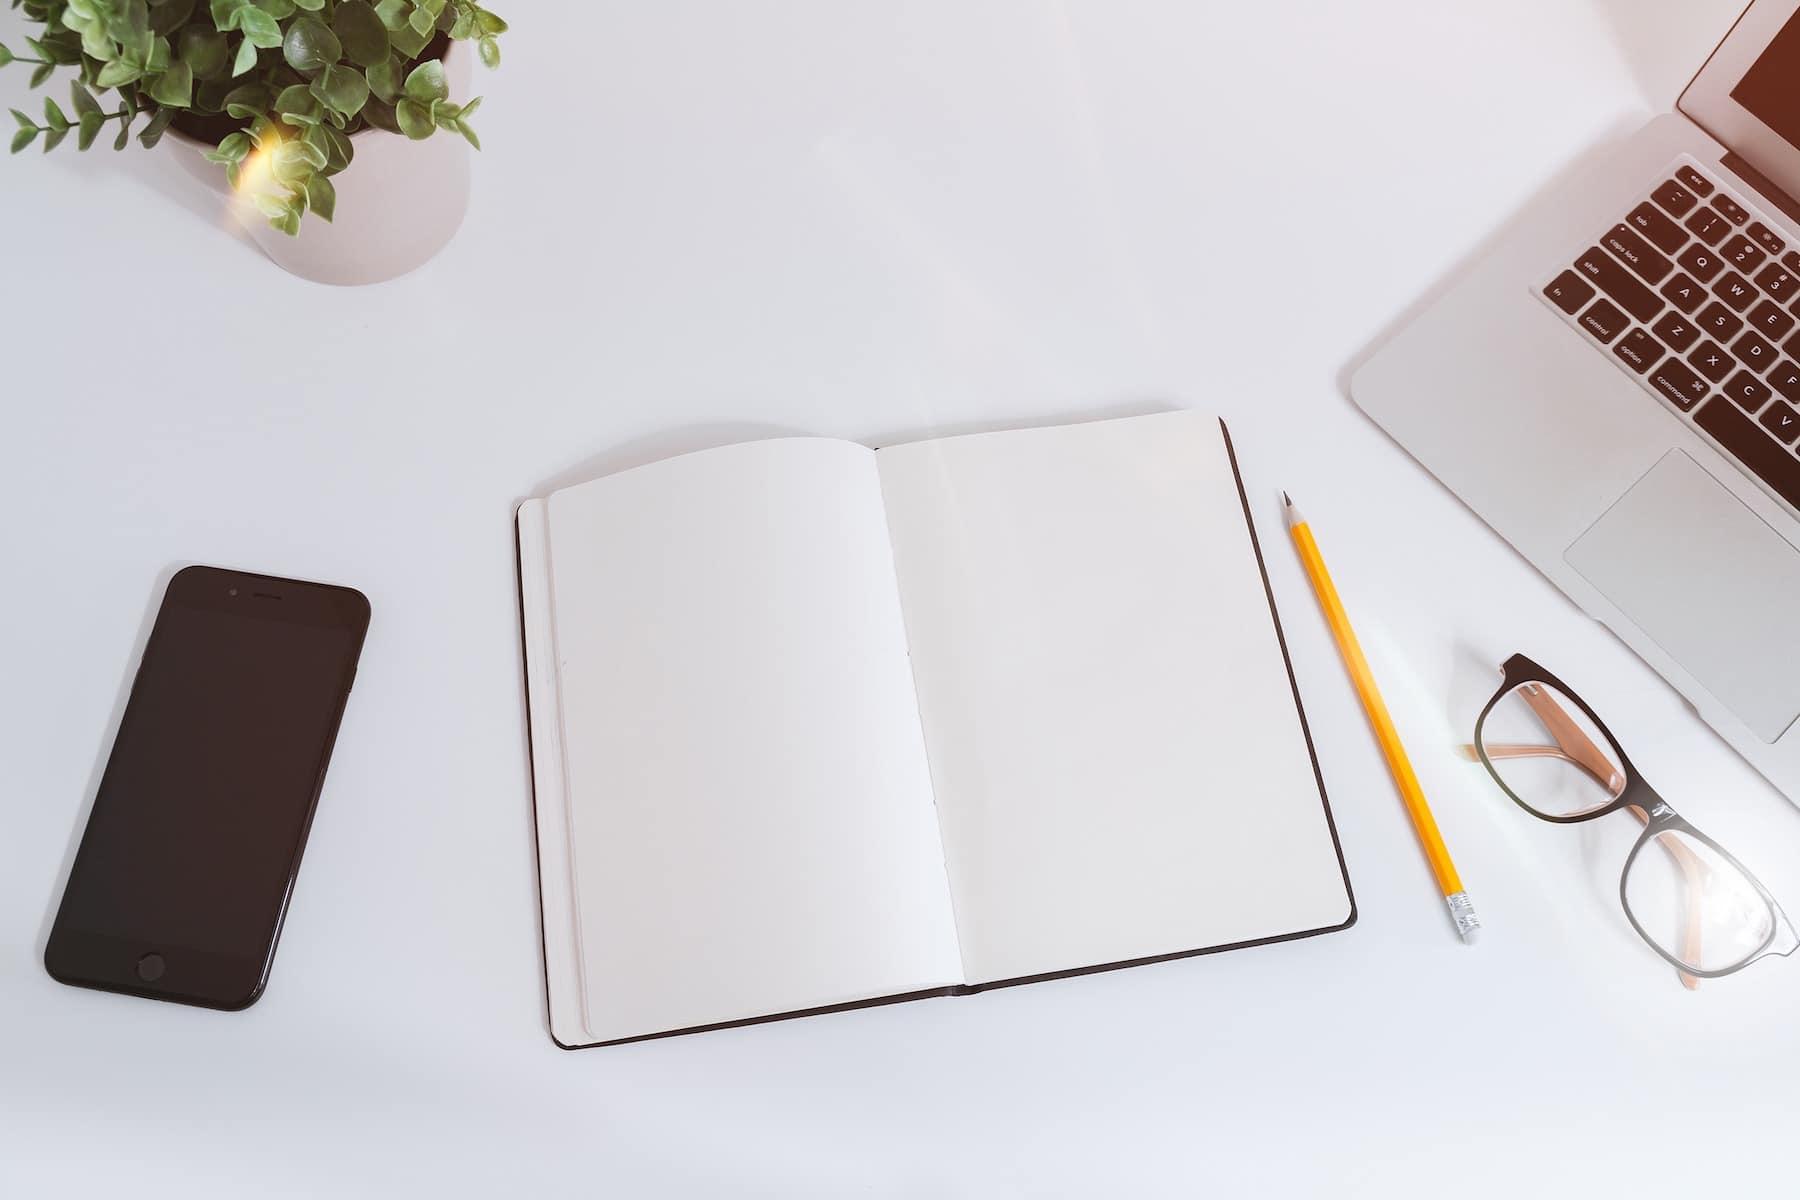 Wochenende zu Hause mit Arbeiten und Bloggen